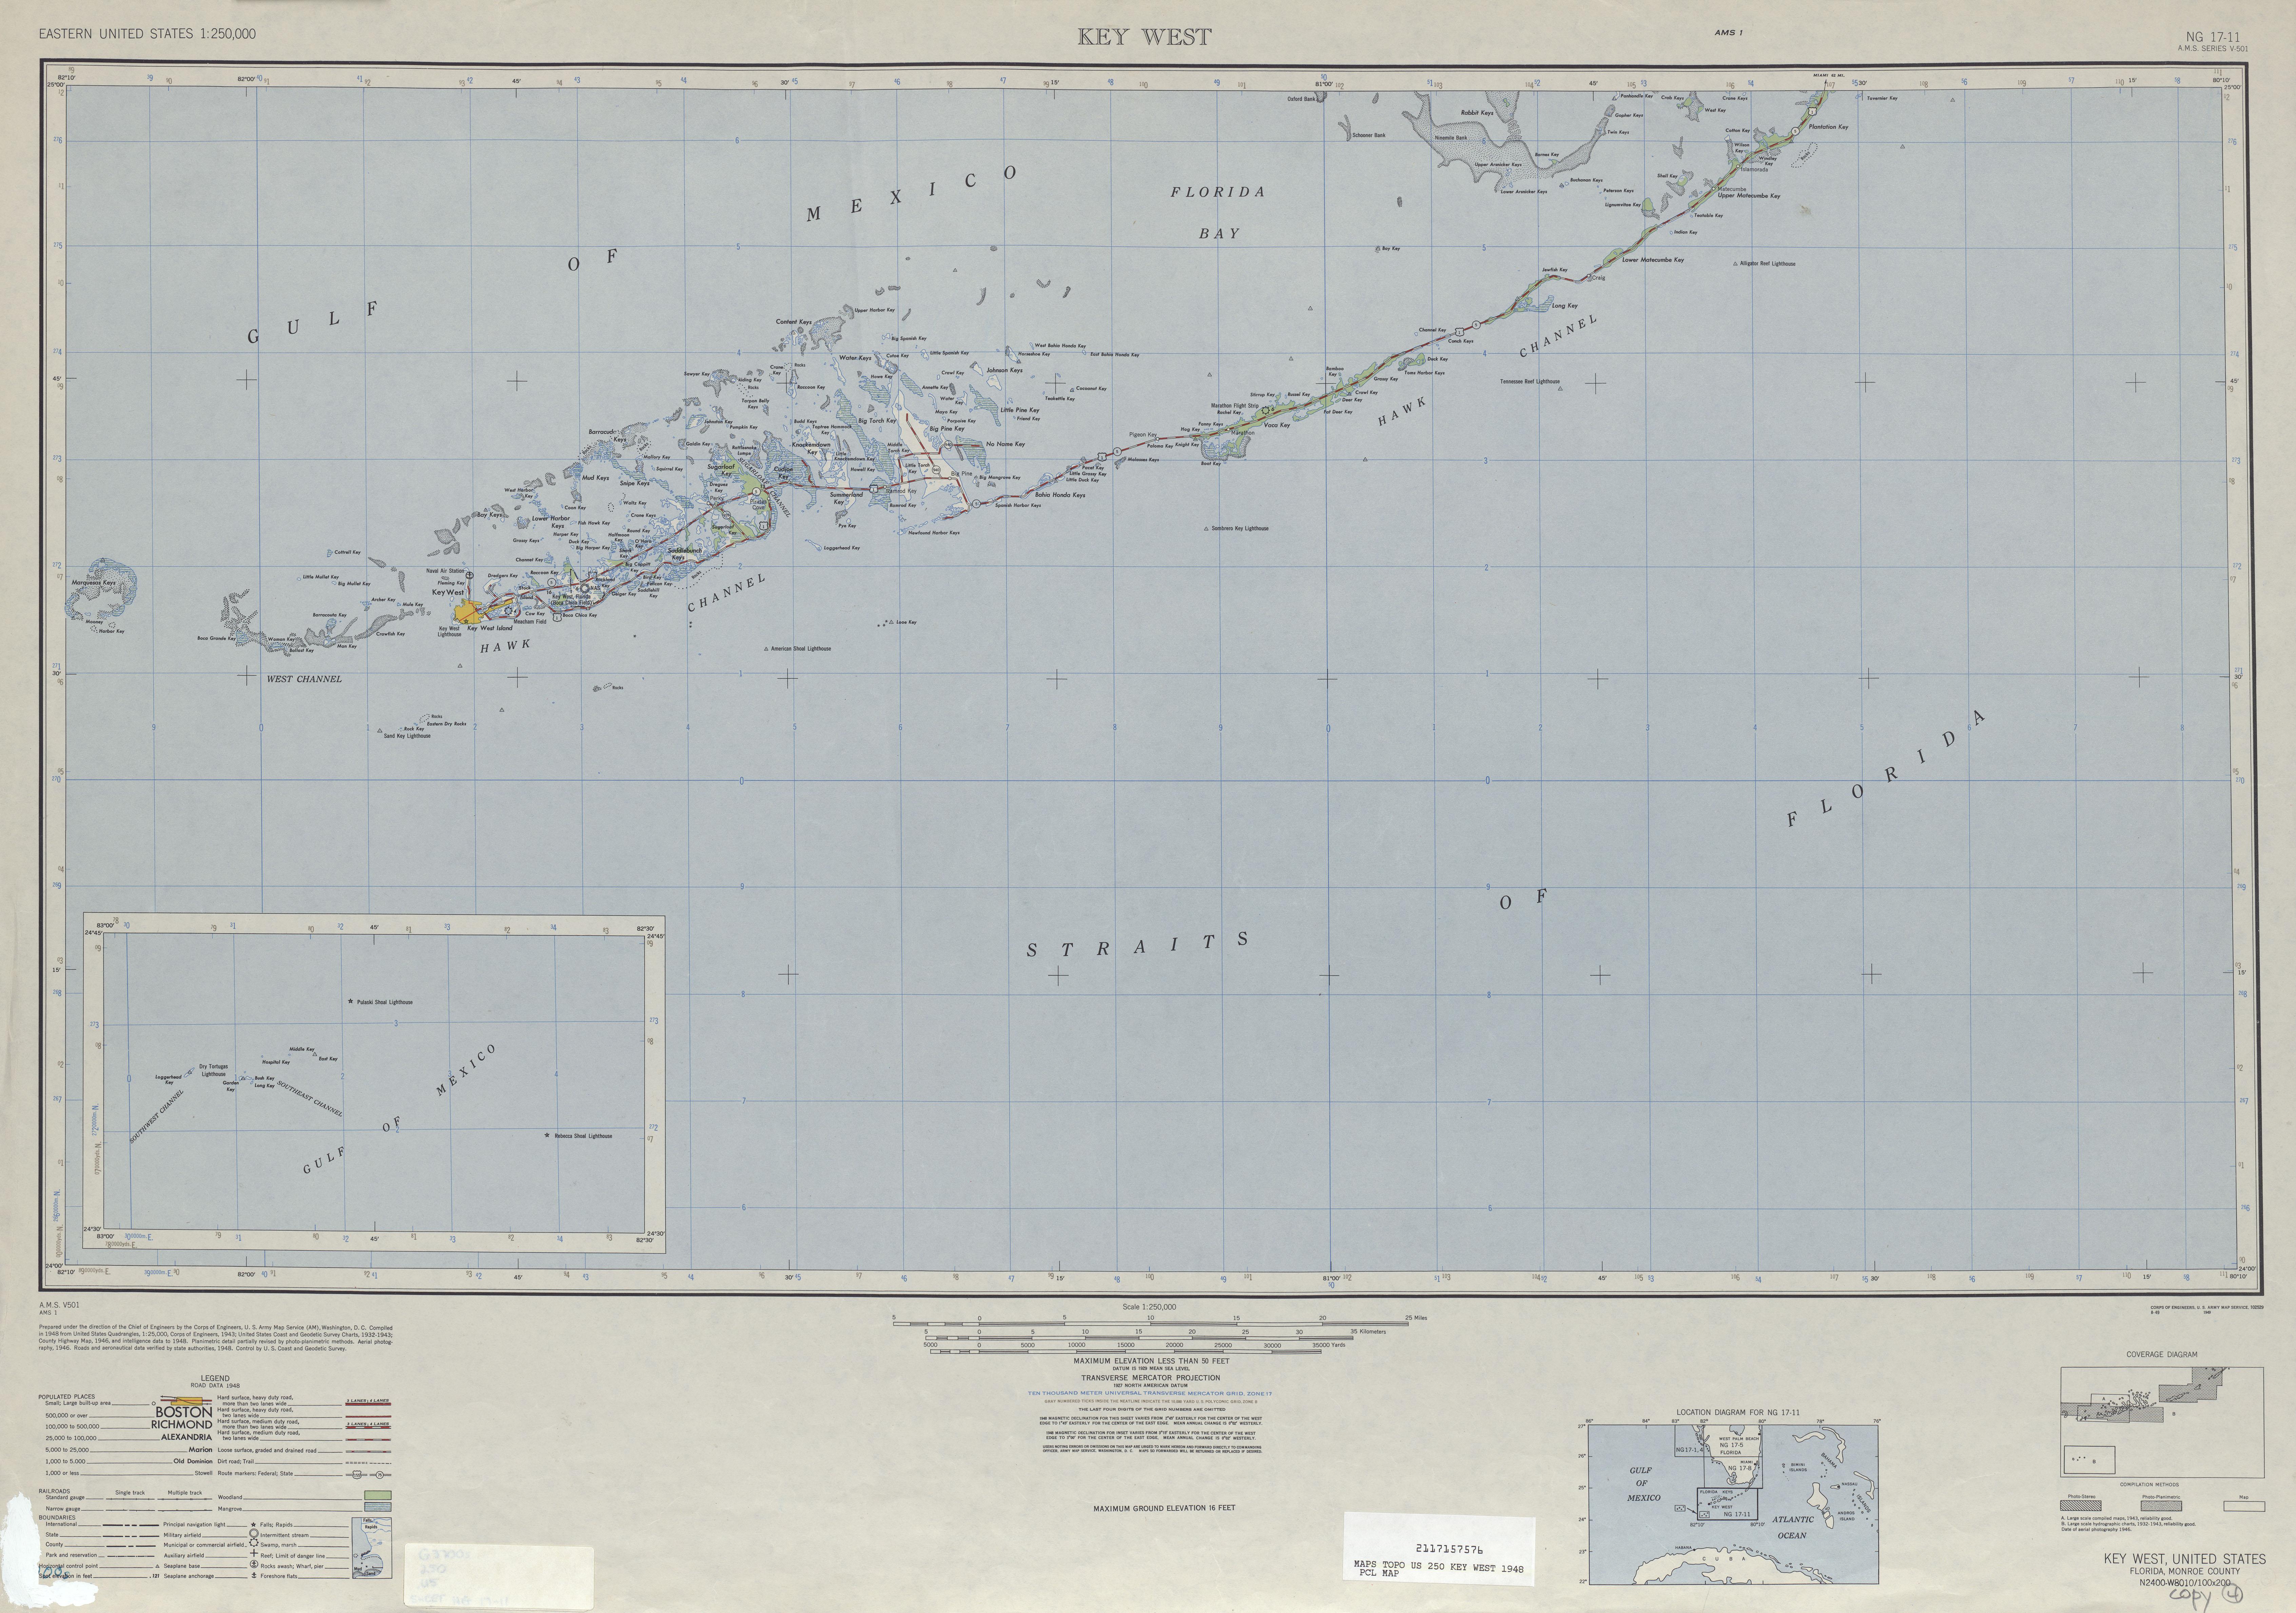 Hoja Key Oeste del Mapa Topográfico de los Estados Unidos 1948